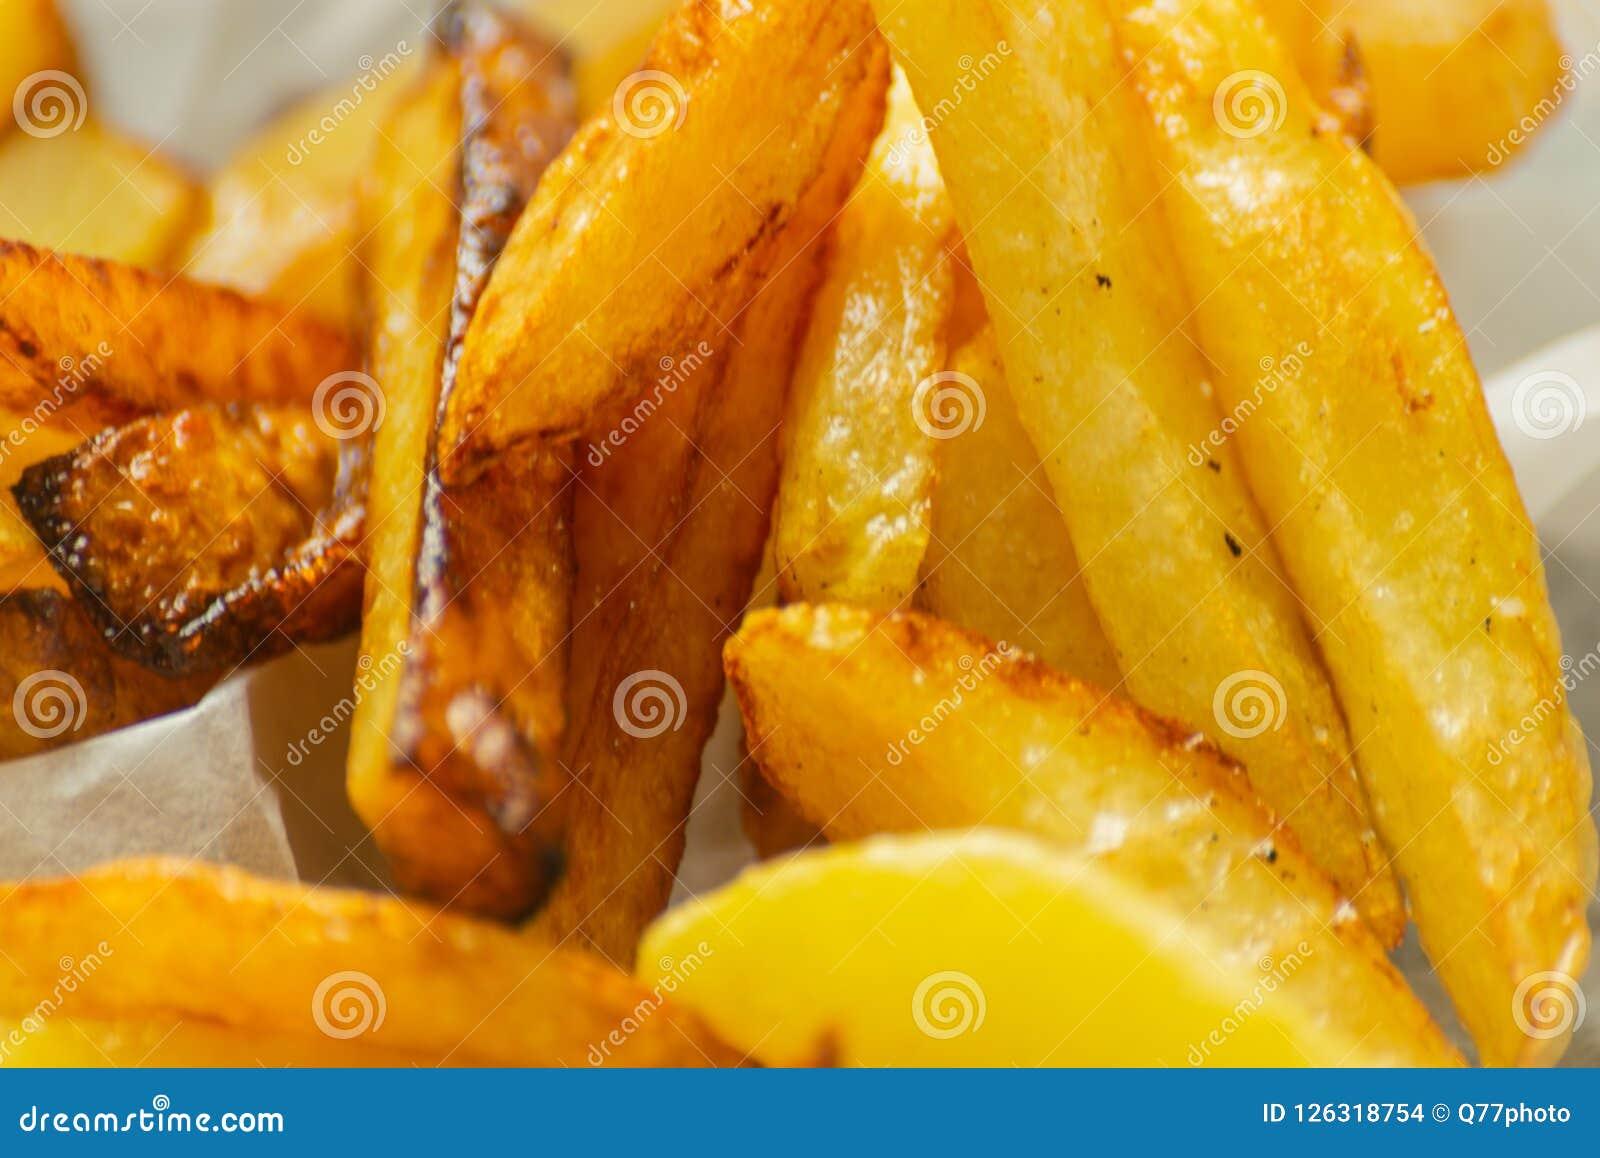 Closeup av guld- småfiskar som är förberedda från nya potatisar som är fetthaltig men